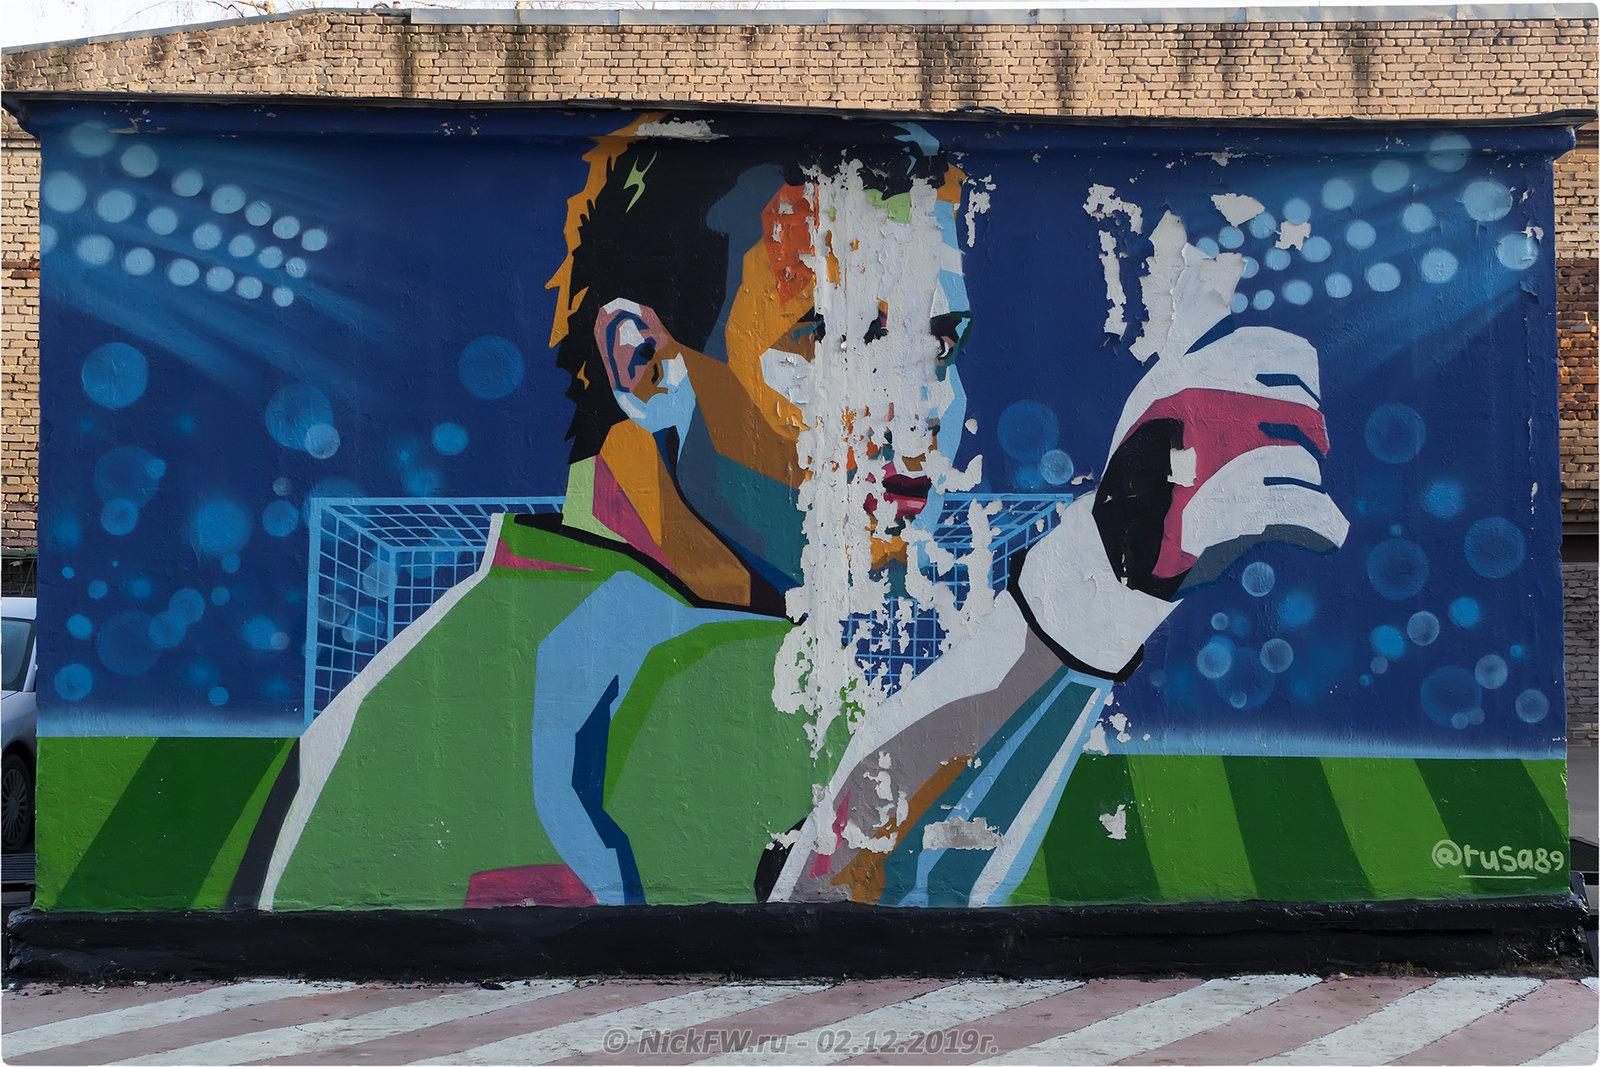 3. Футбольные граффити © NickFW.ru - 02.12.2019г.